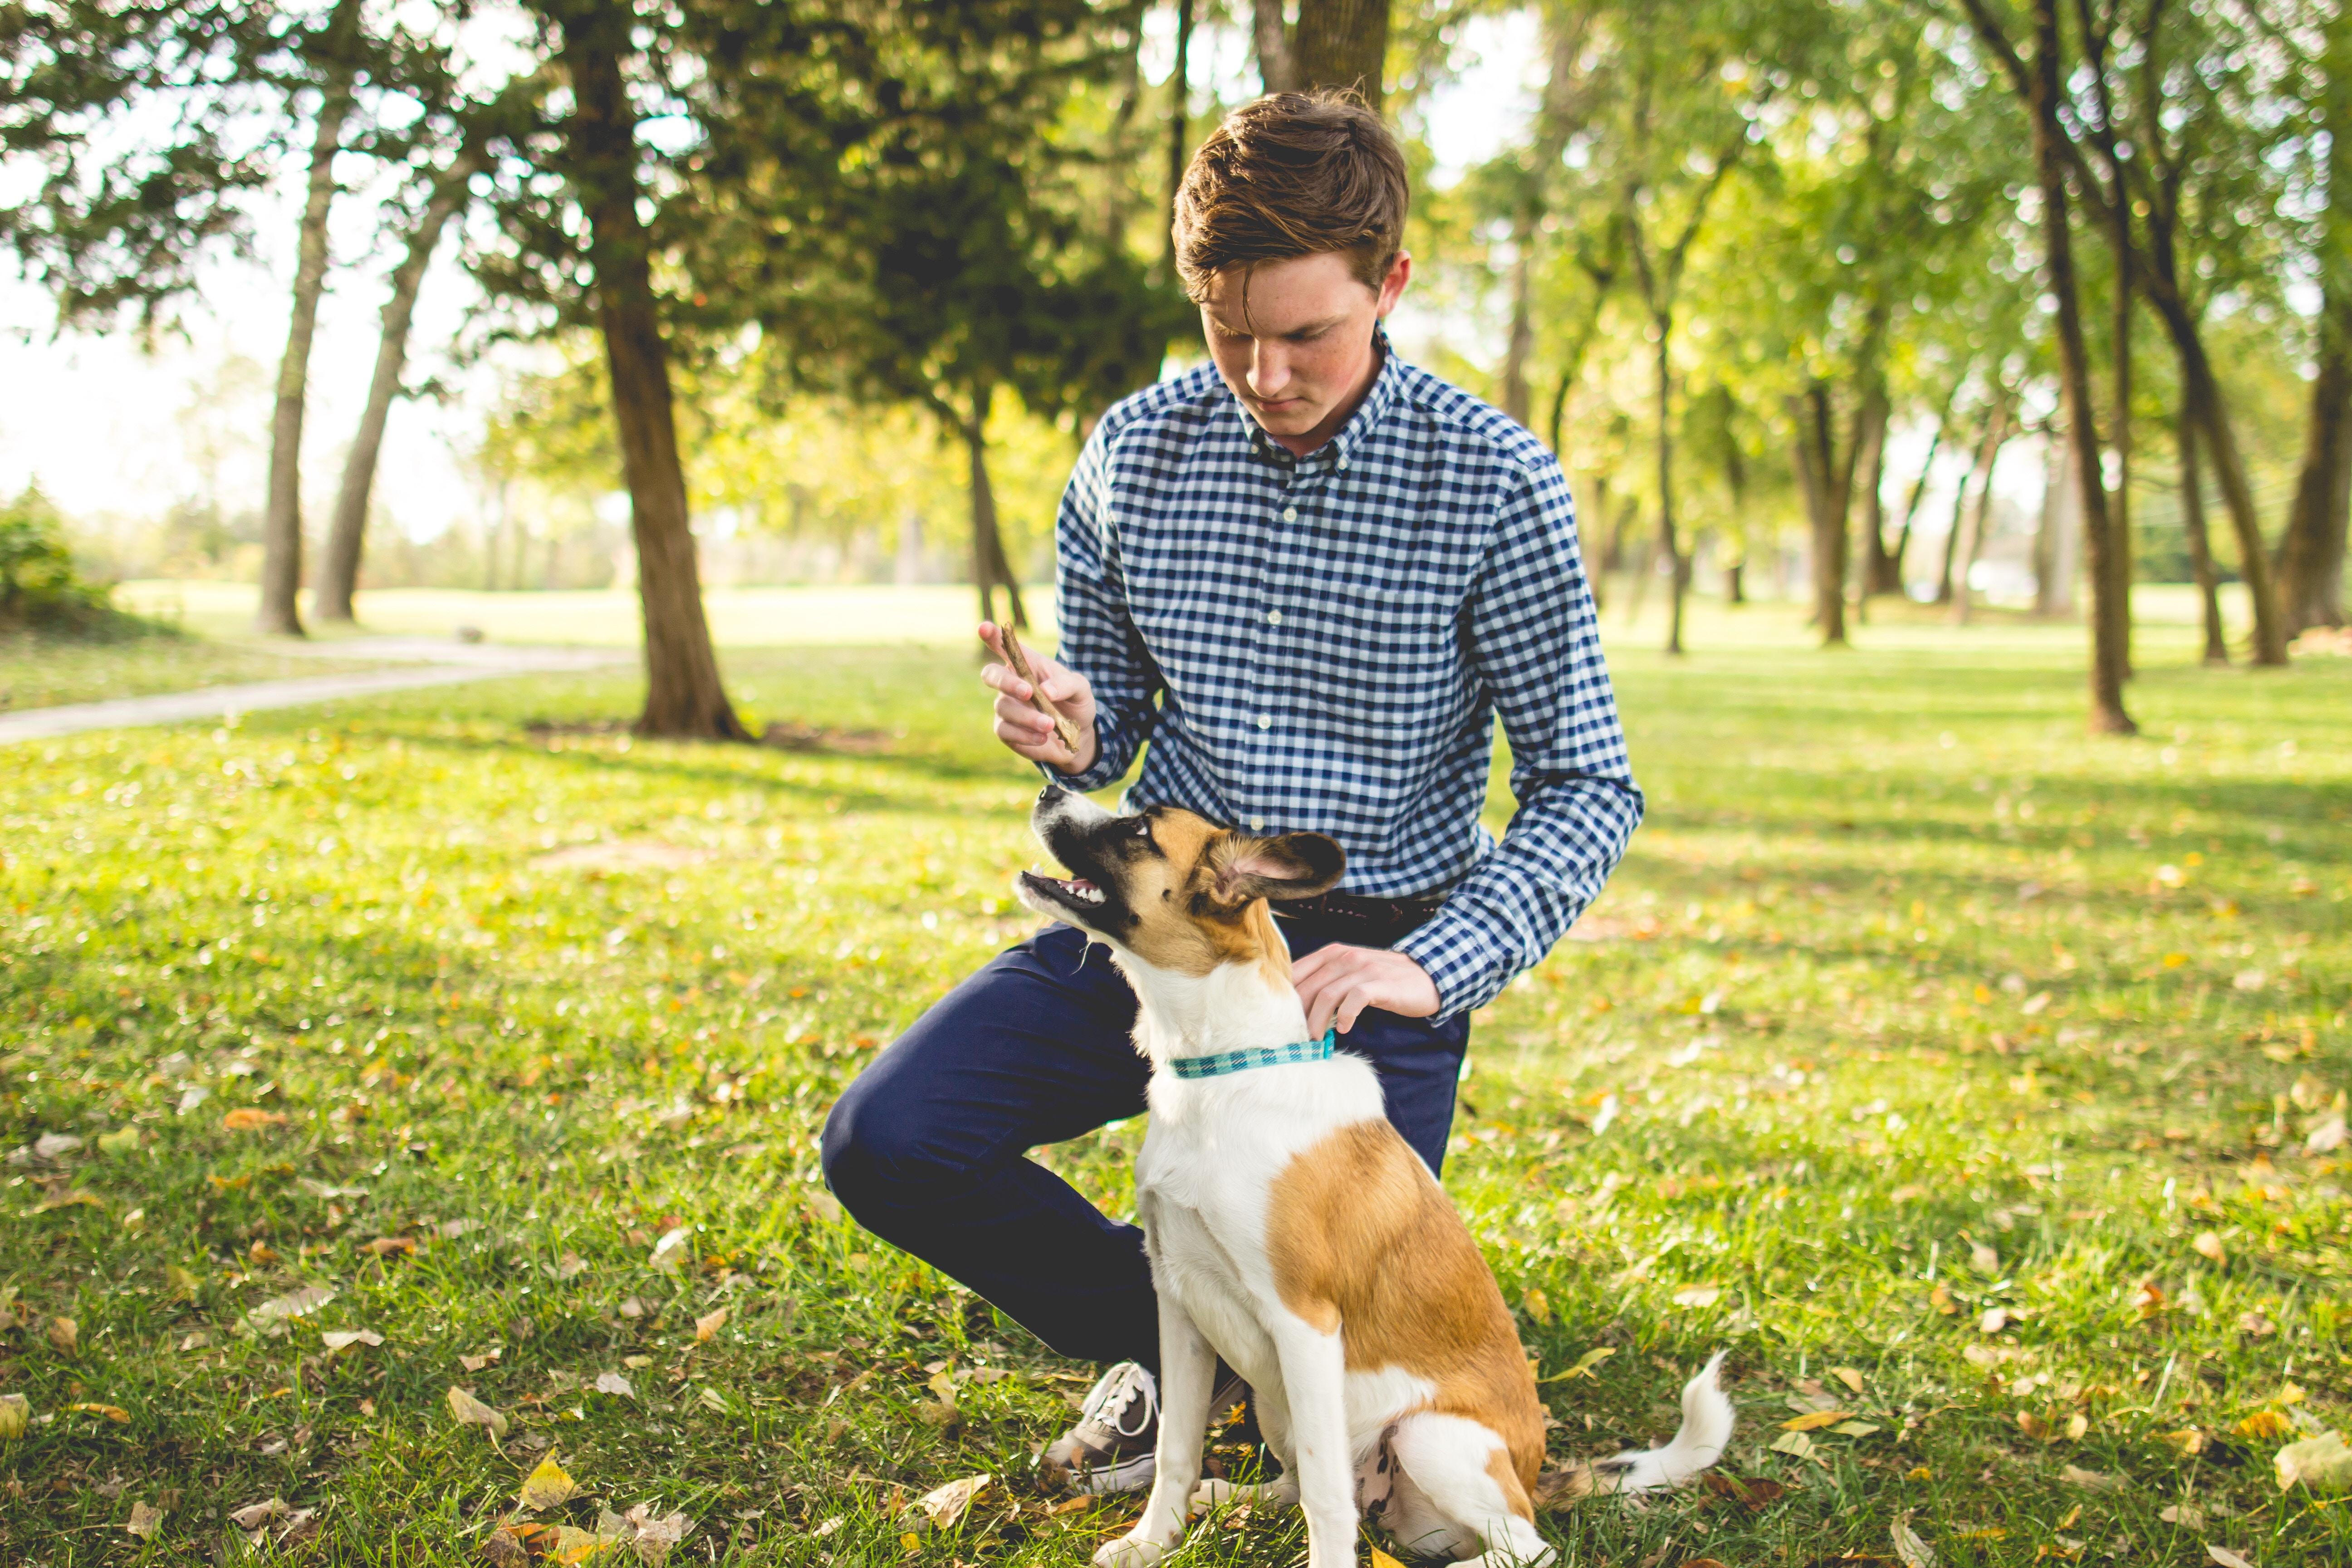 Comment créer un lien avec un chien de sauvetage adulte